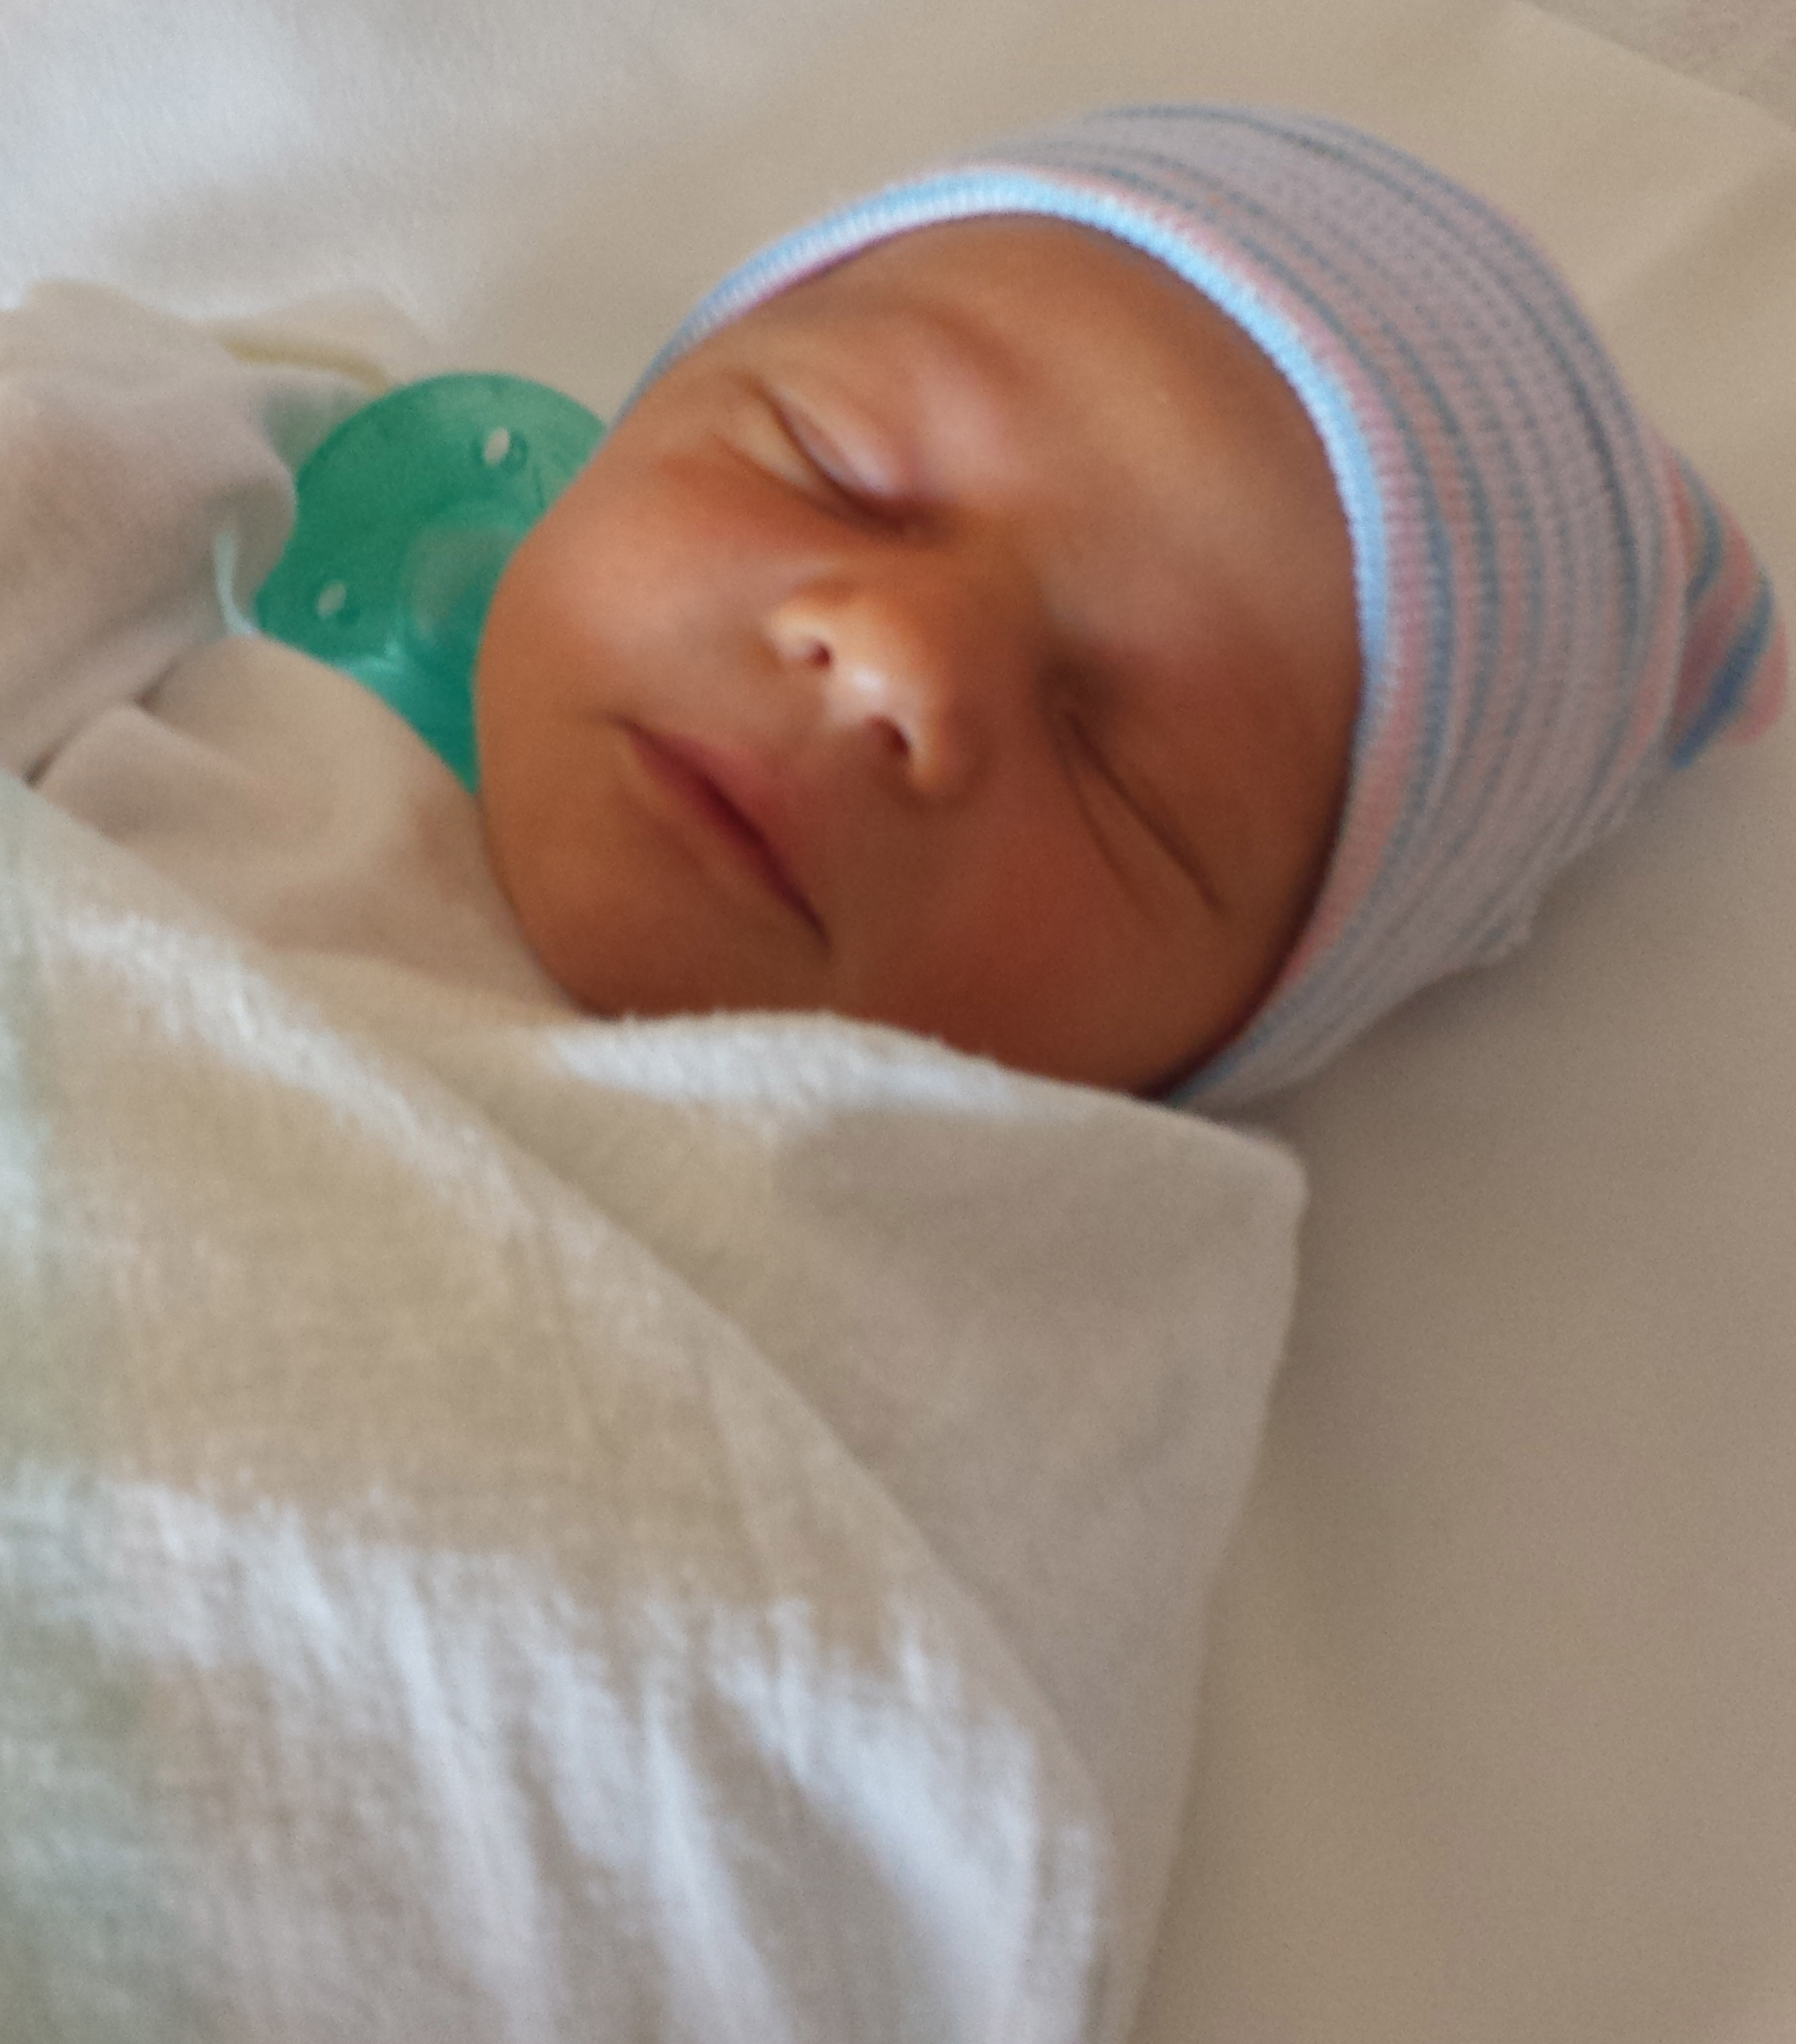 Baby Payton